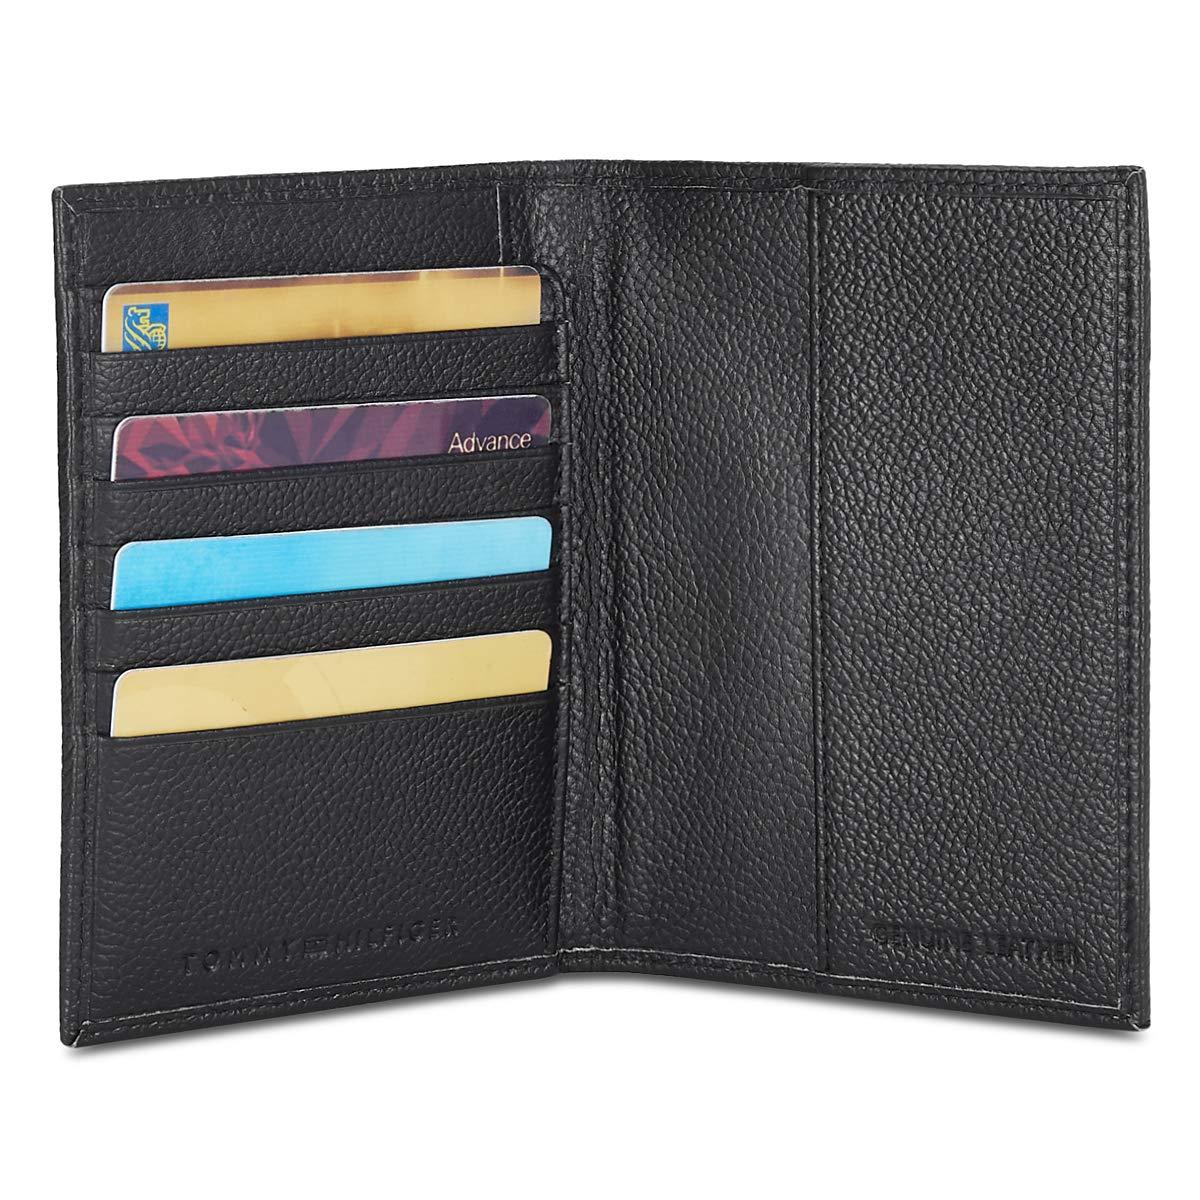 Tommy Hilfiger Men's Leather Wallet  Black  Wallets